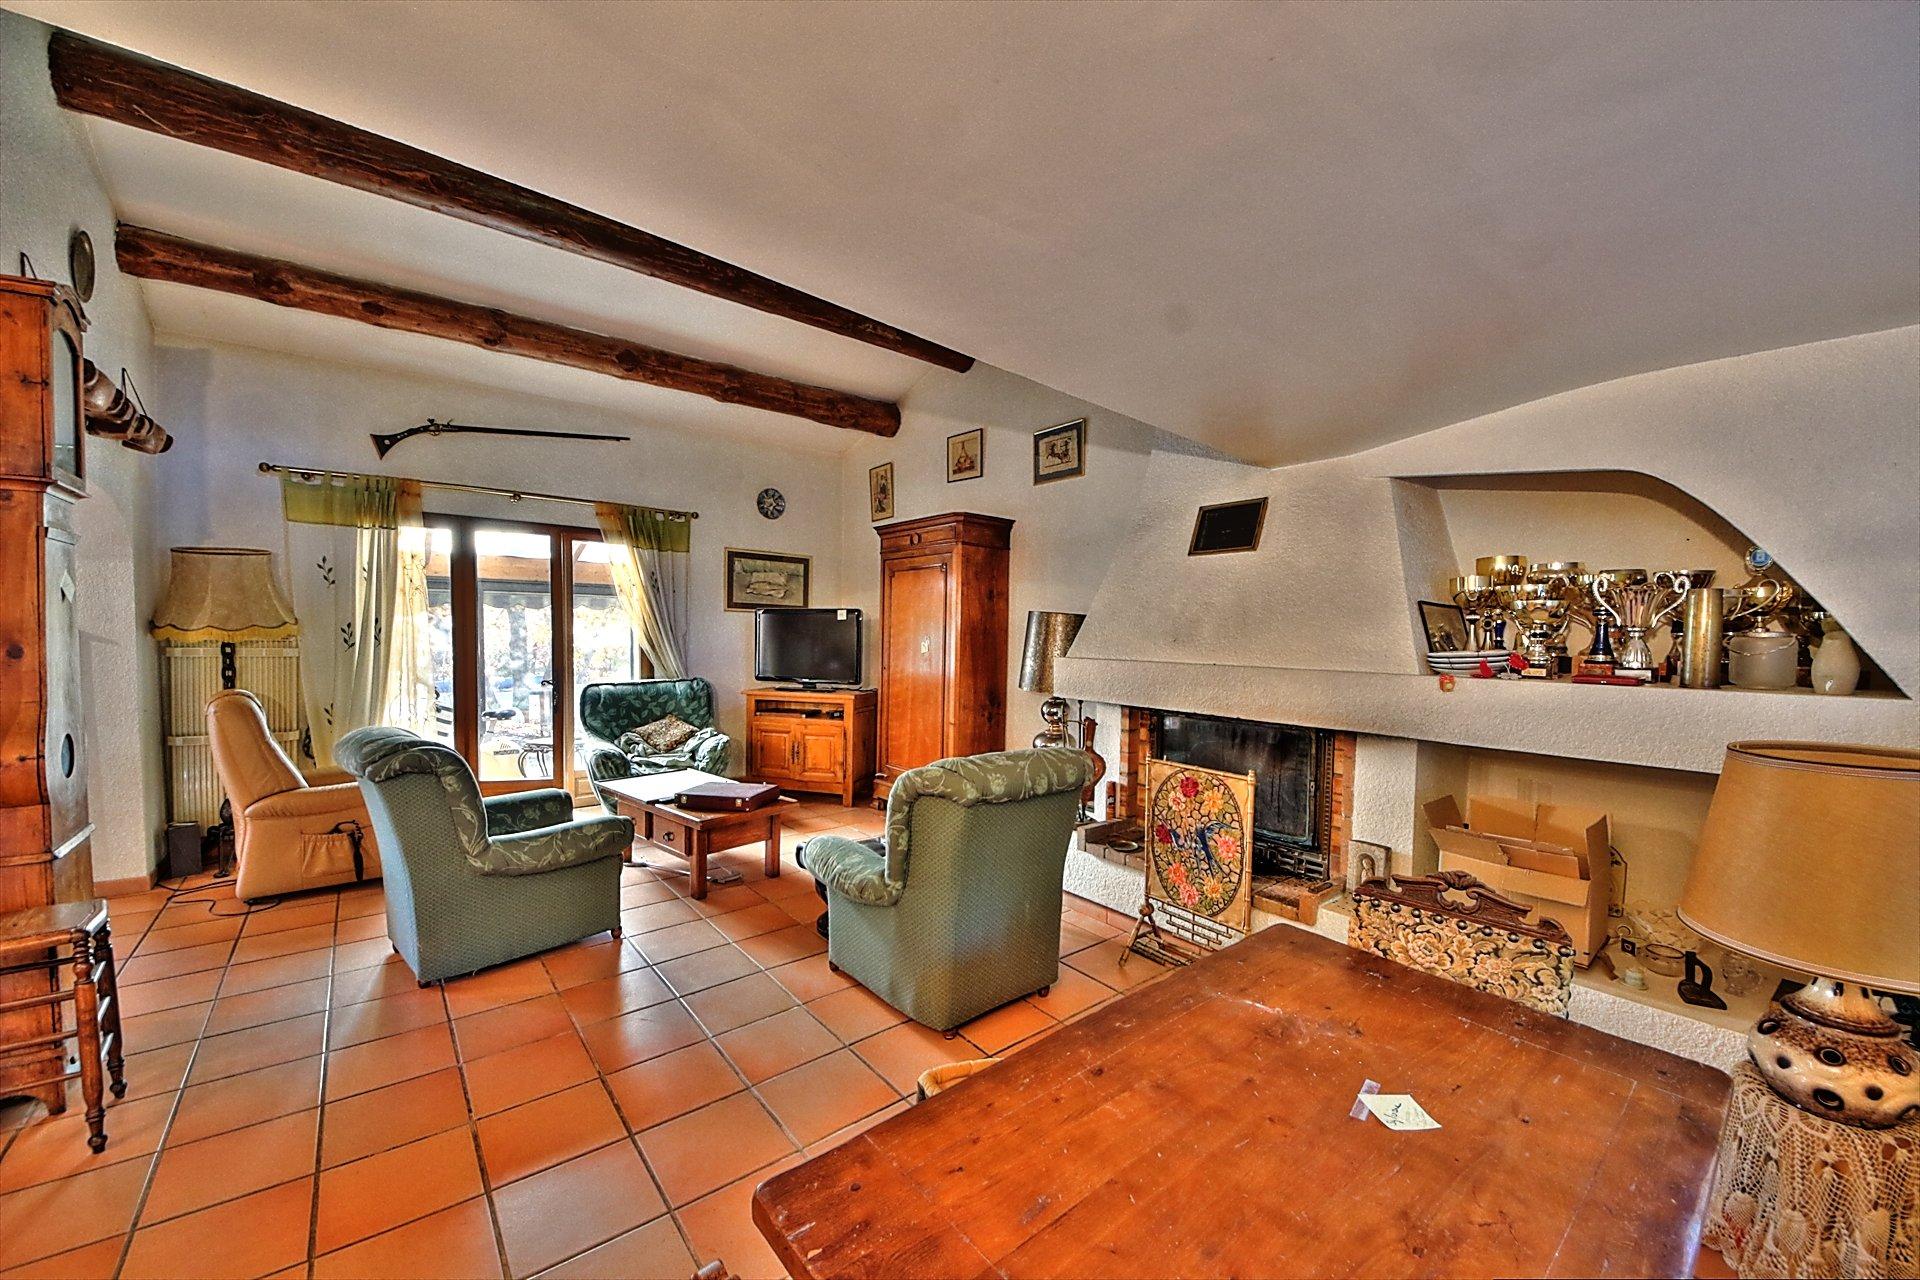 Aups, jolie maison provencale avec piscine - Bel environnement Var Provence